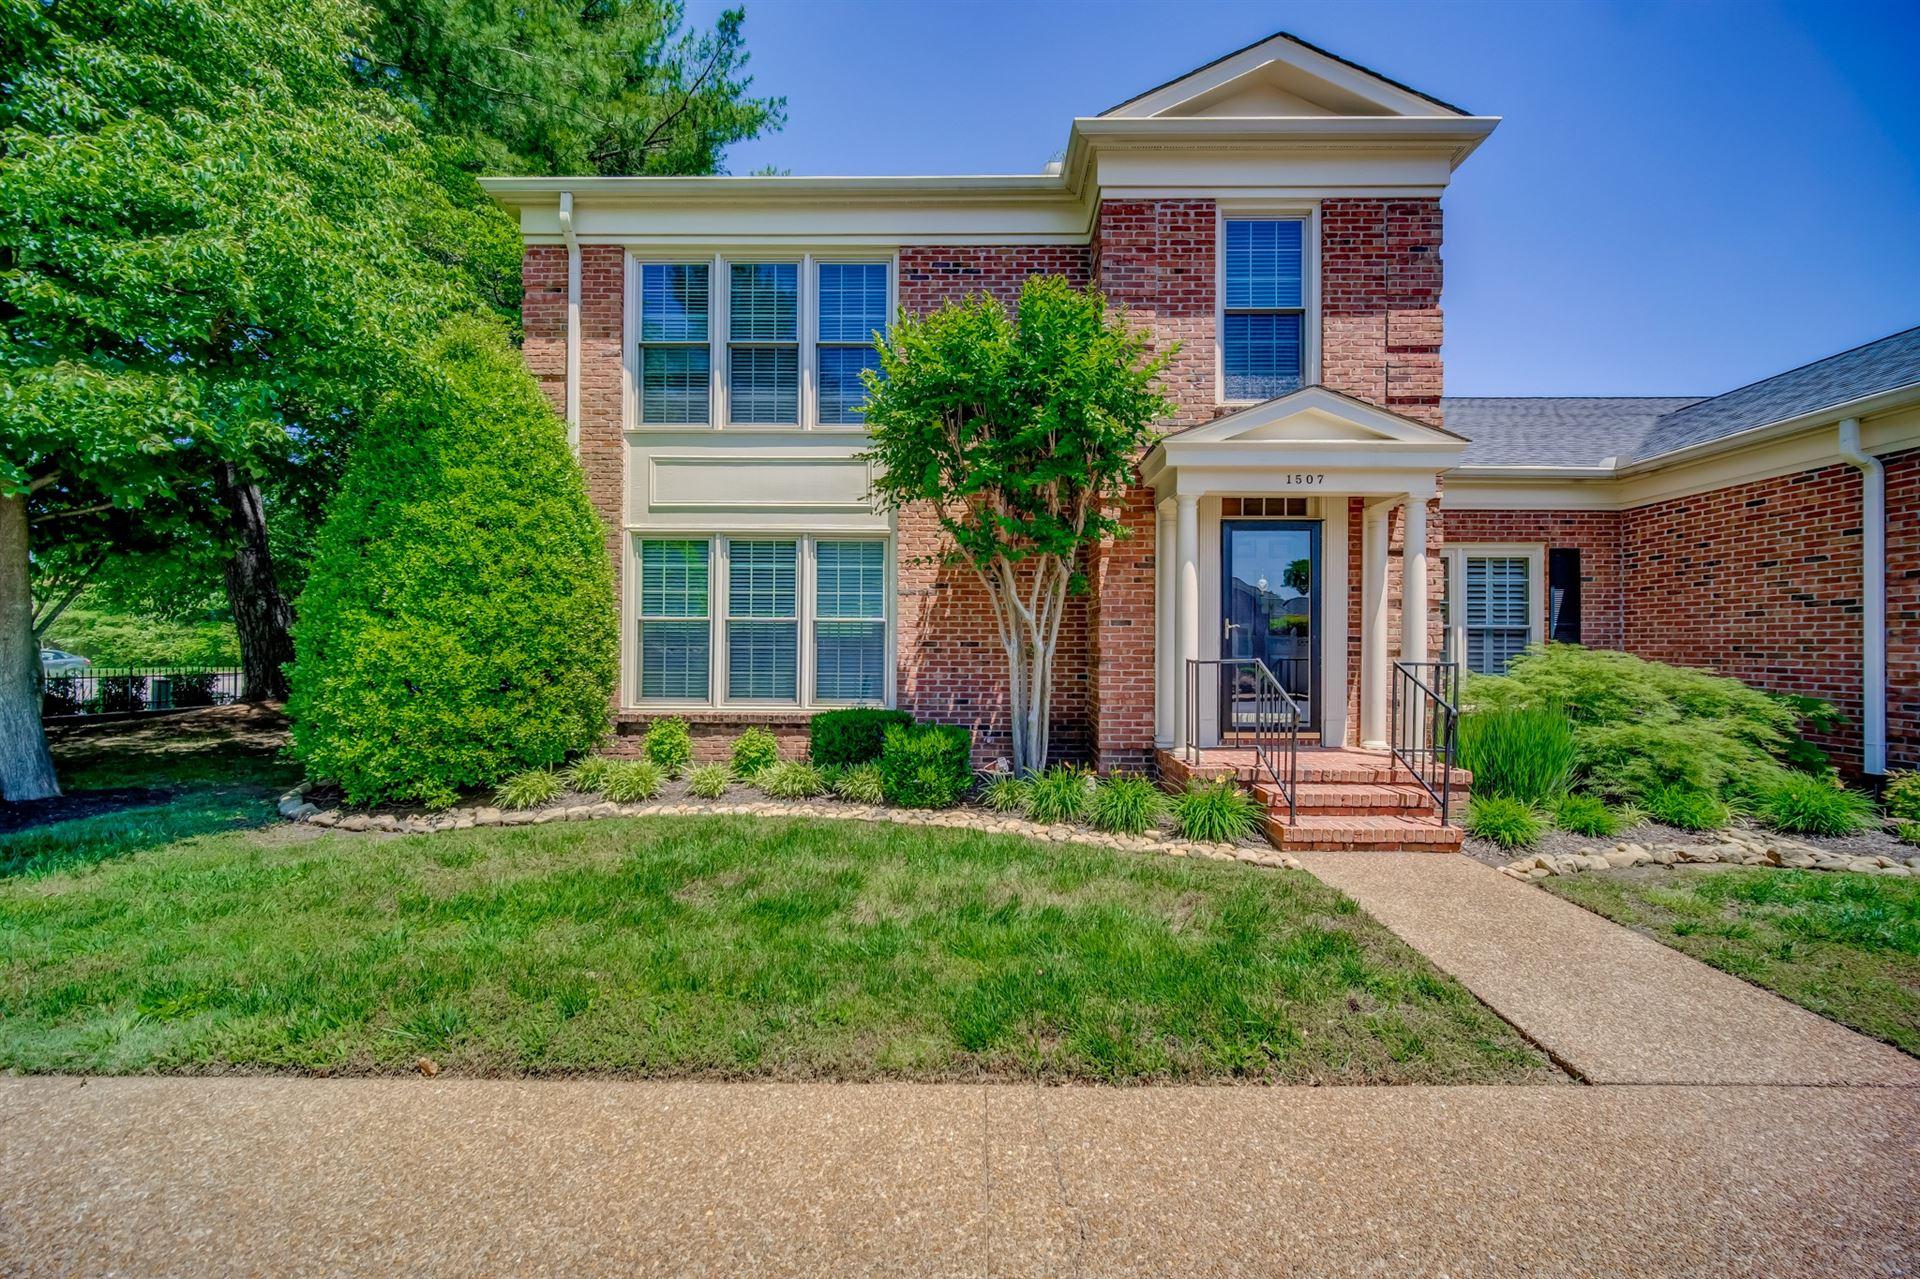 1507 Cambridge Dr, Murfreesboro, TN 37129 - MLS#: 2253387